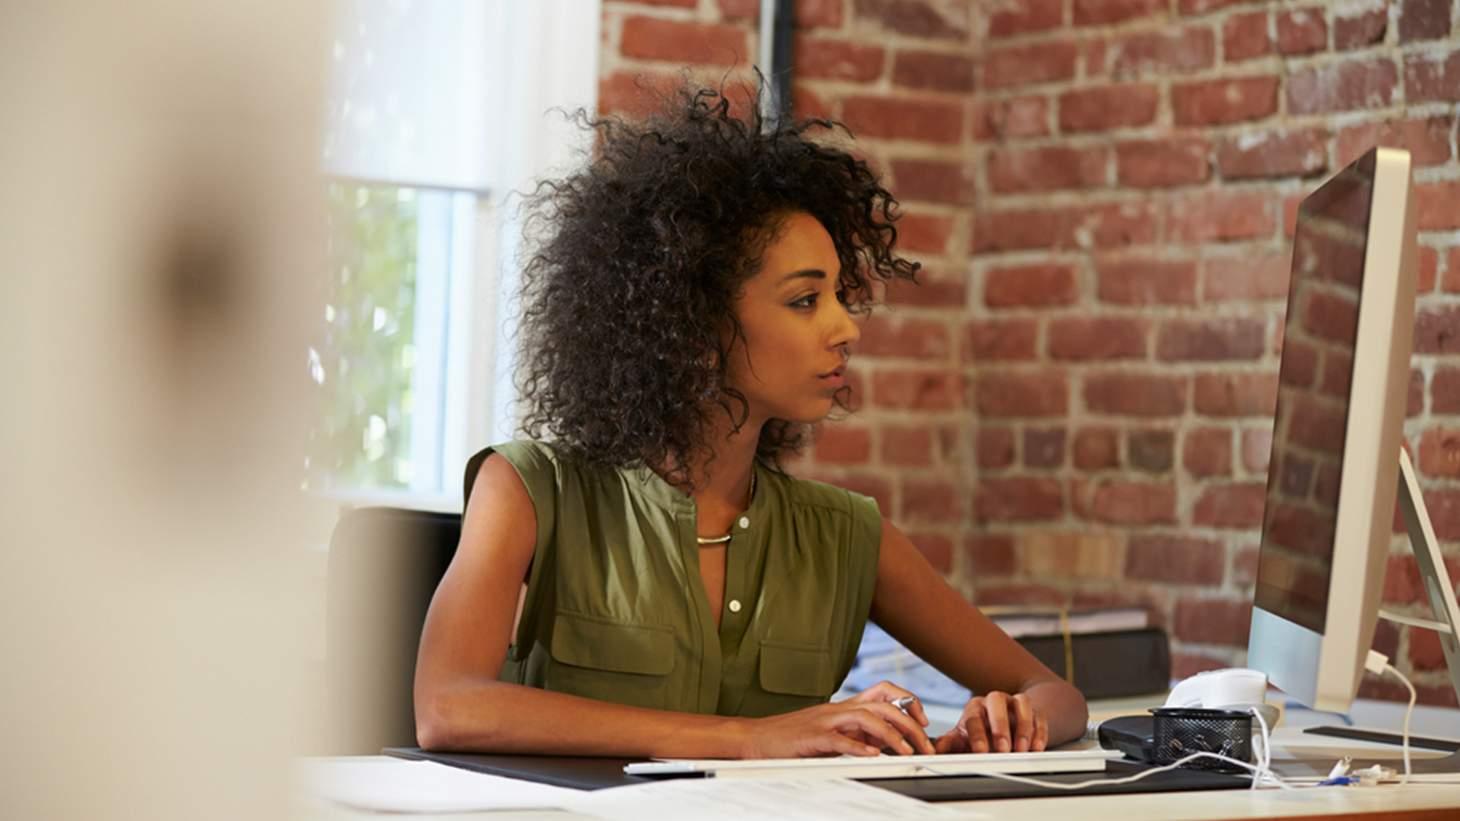 Trabalha sentado? Confira 5 dicas para melhorar a sua postura!